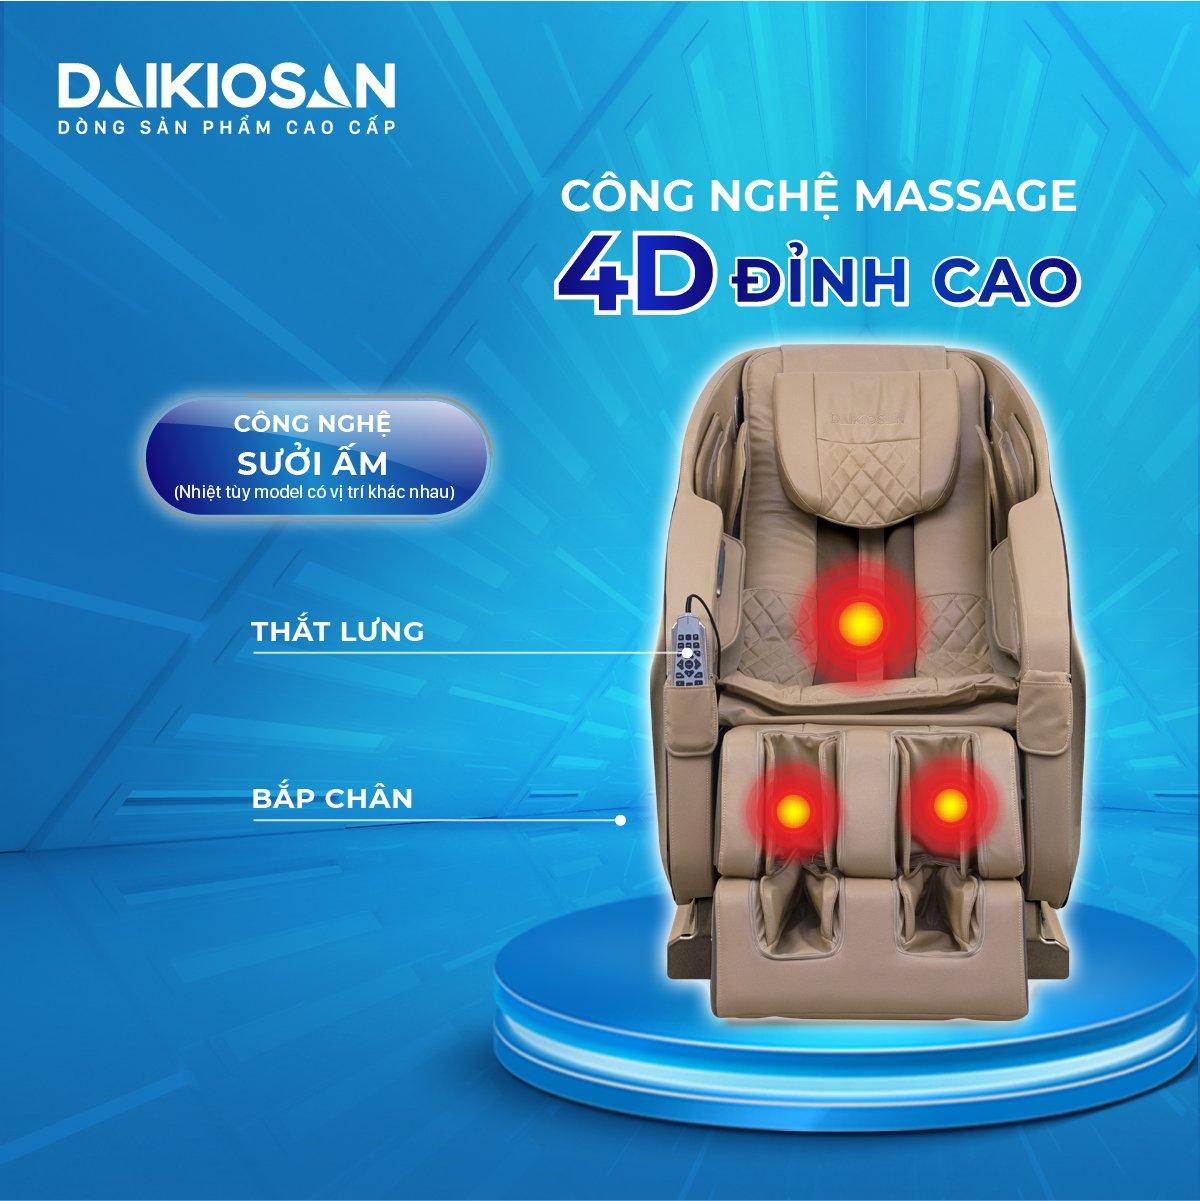 Ghế massage 4D công nghệ cao nhất hiện nay hỗ trợ điều trị thoái hóa cột sống